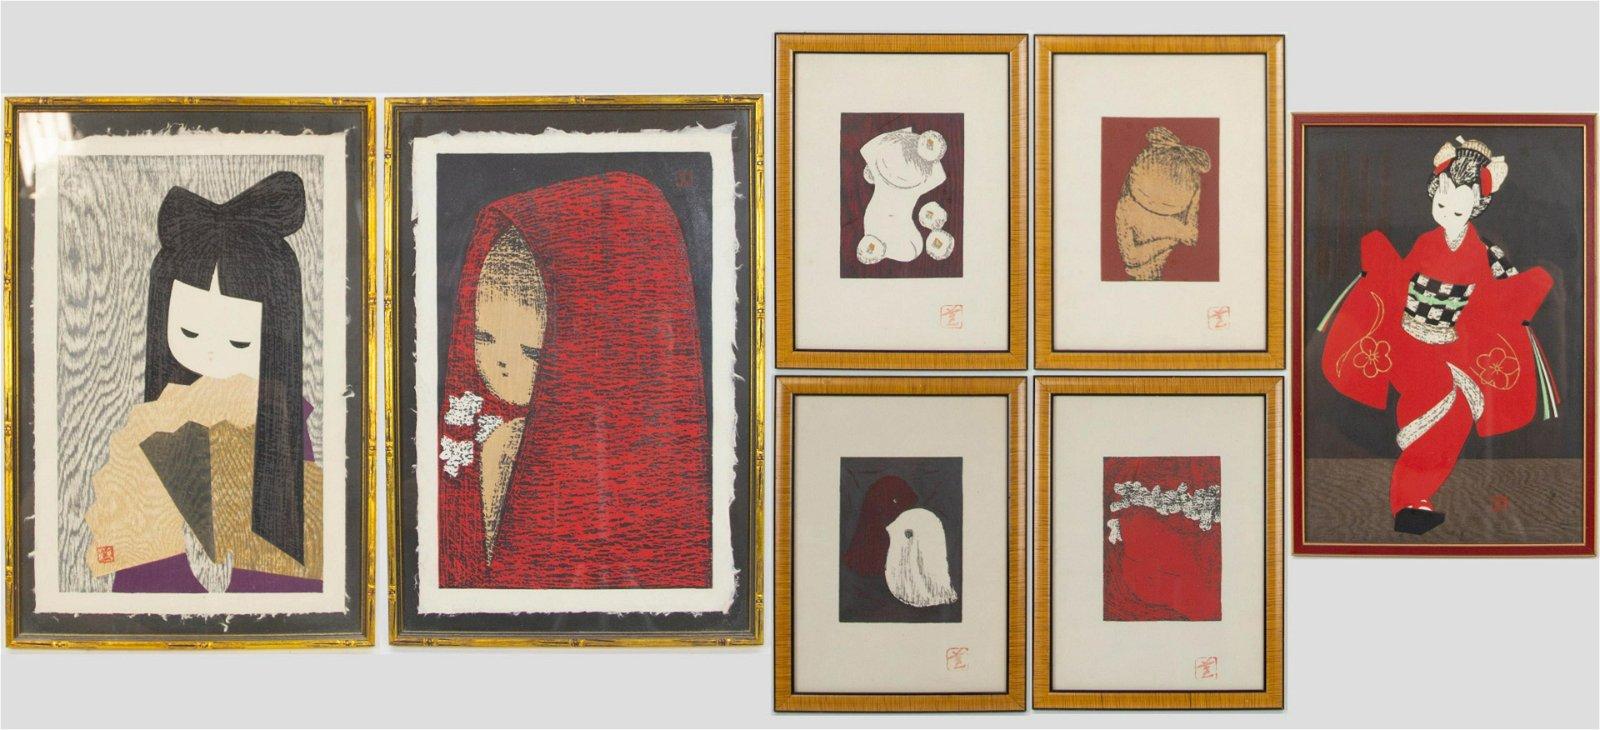 KAWANO, Kaoru. Group of 7 Unsigned Prints.